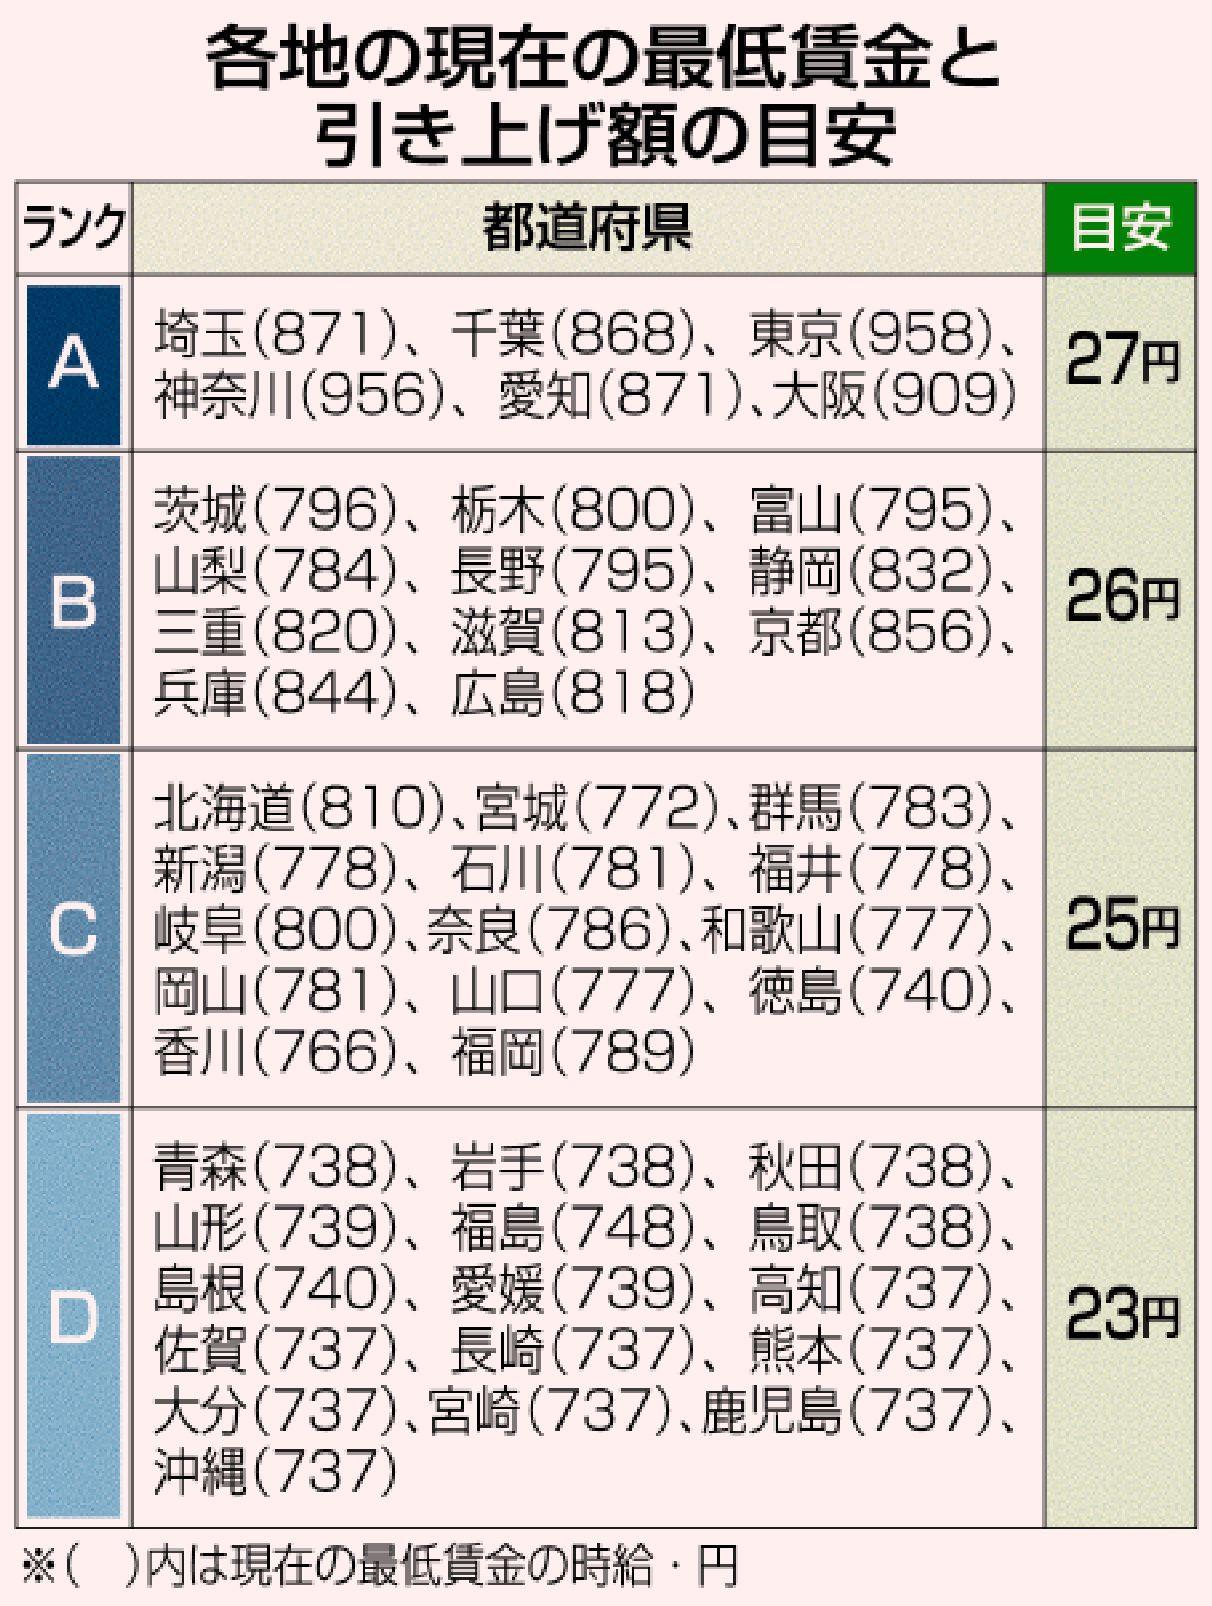 最低 賃金 神奈川